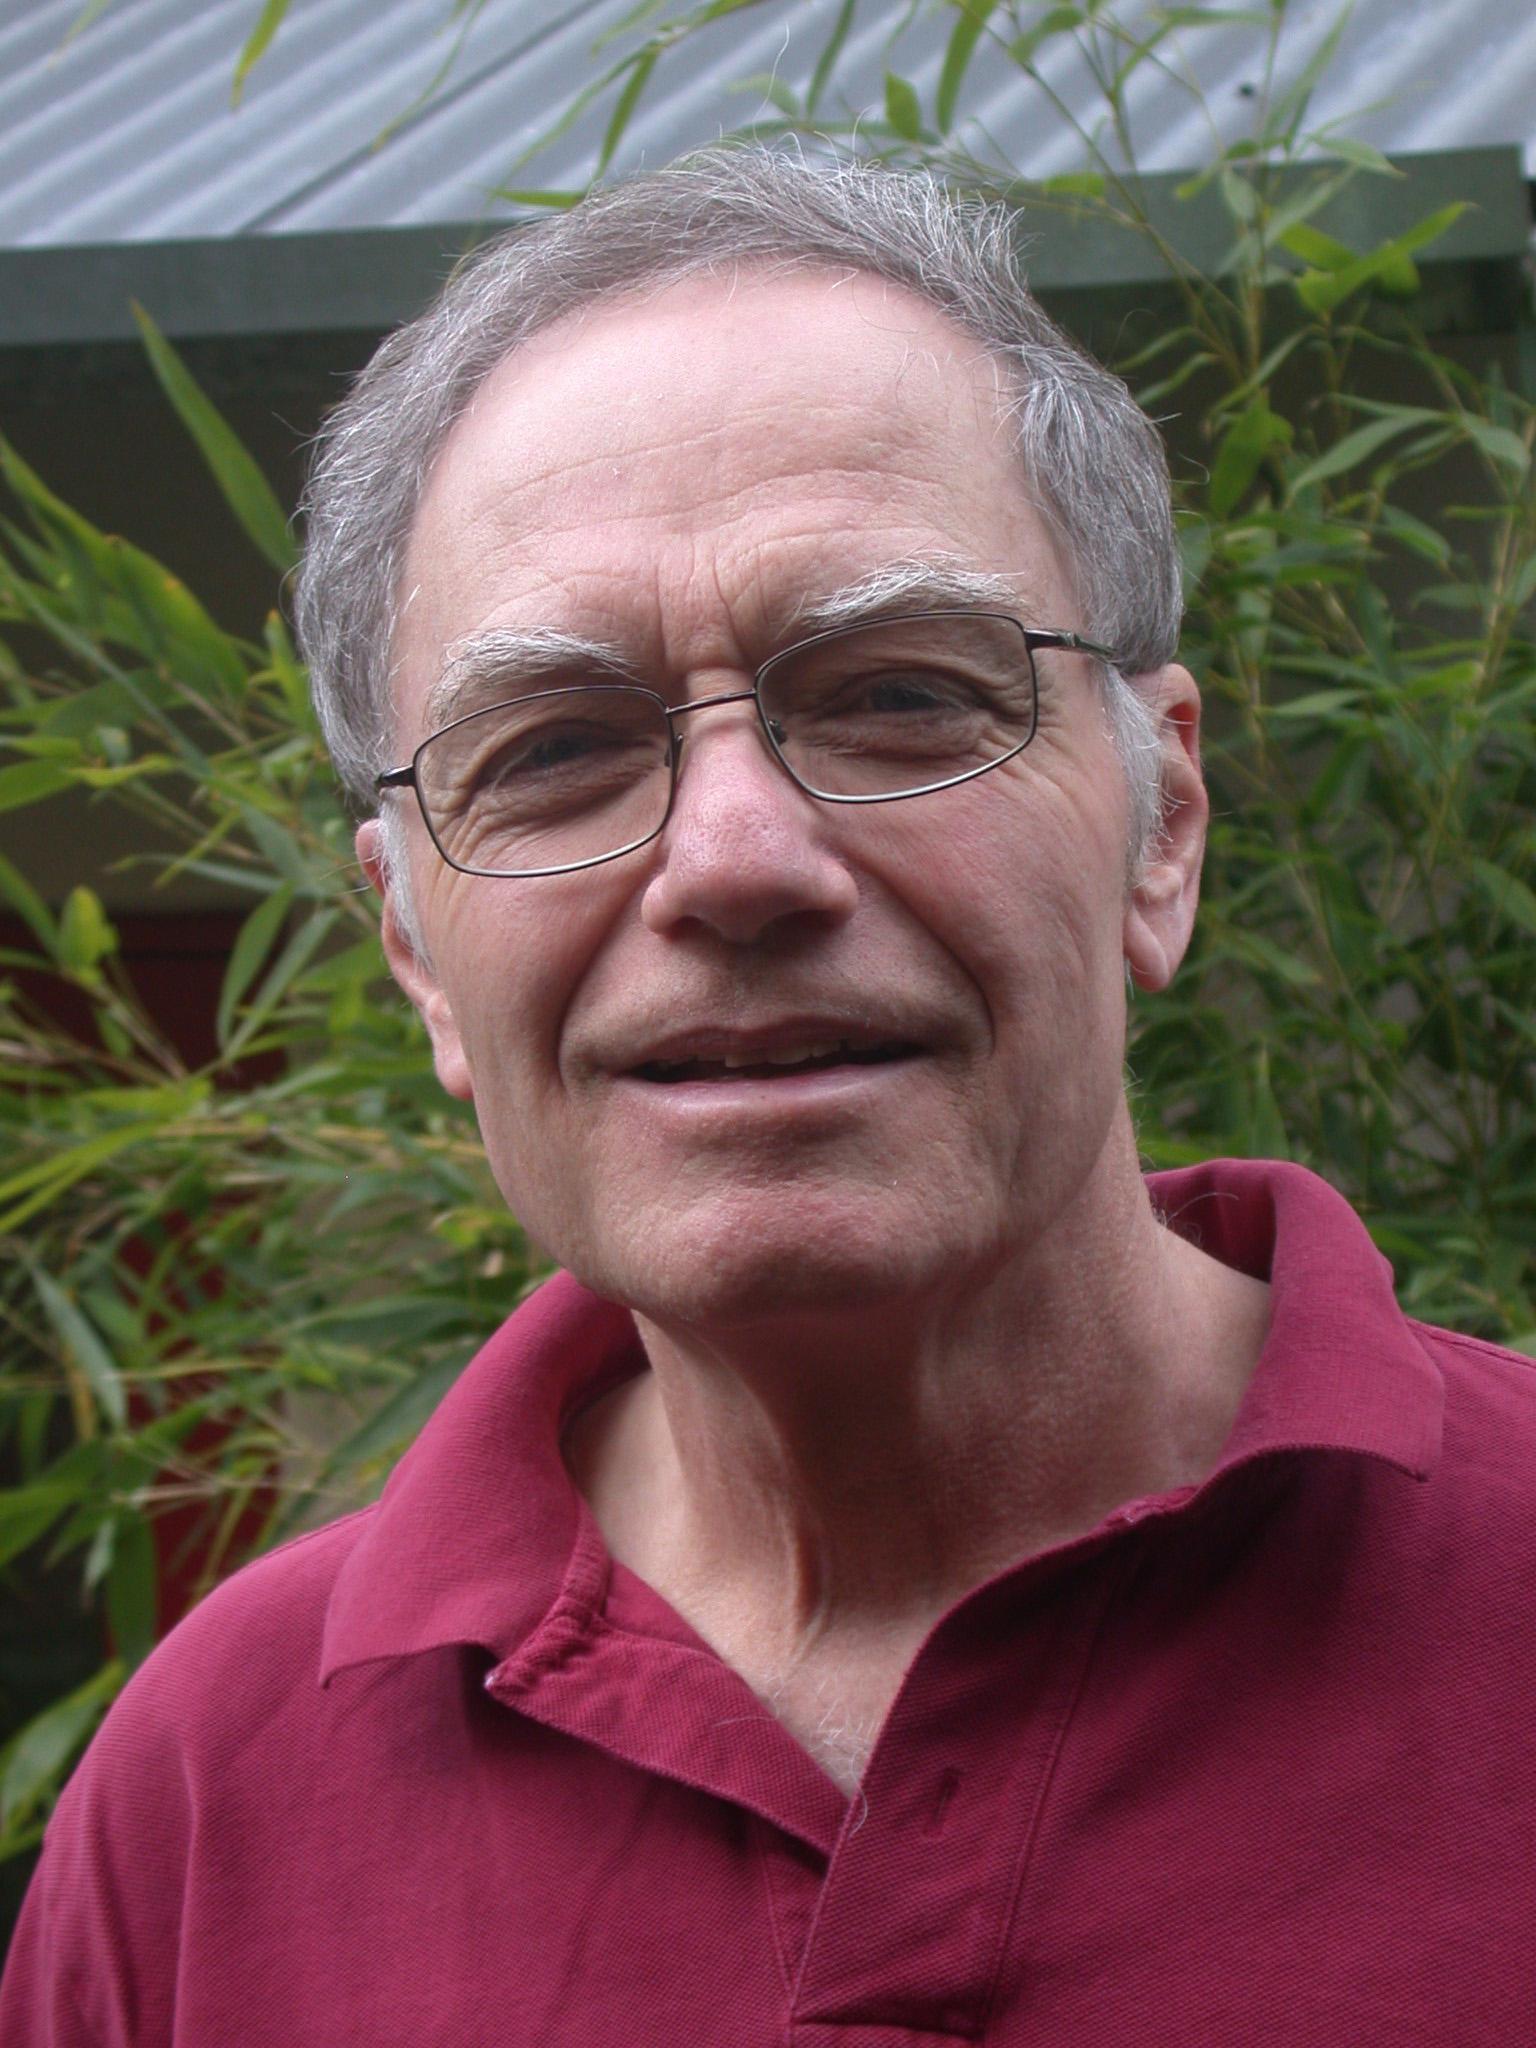 Murray Silverstein